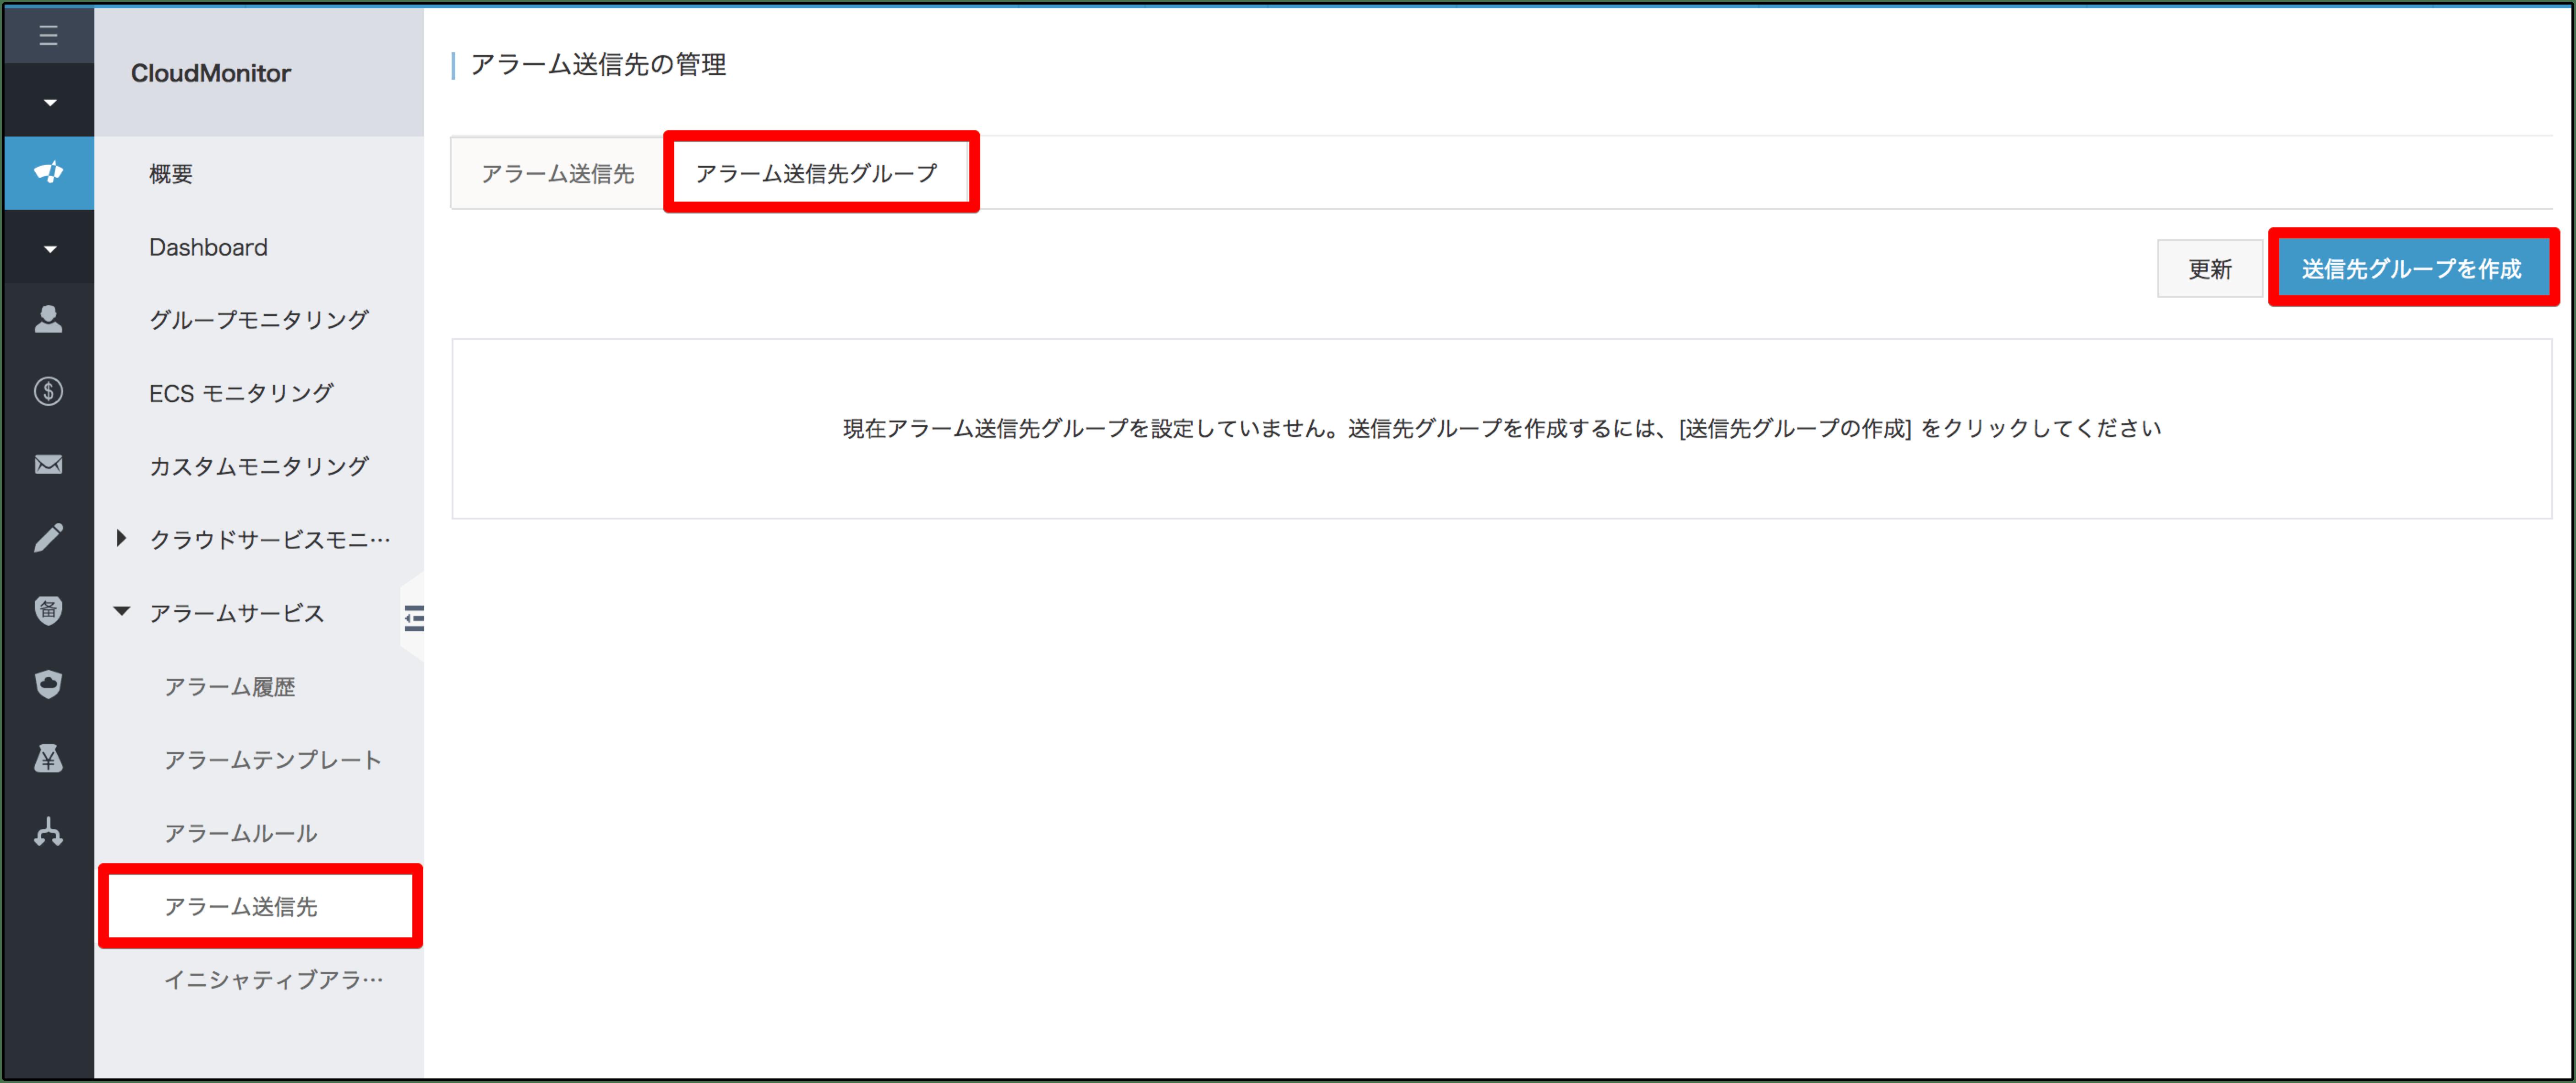 スクリーンショット 2018-05-10 20.42.06.png